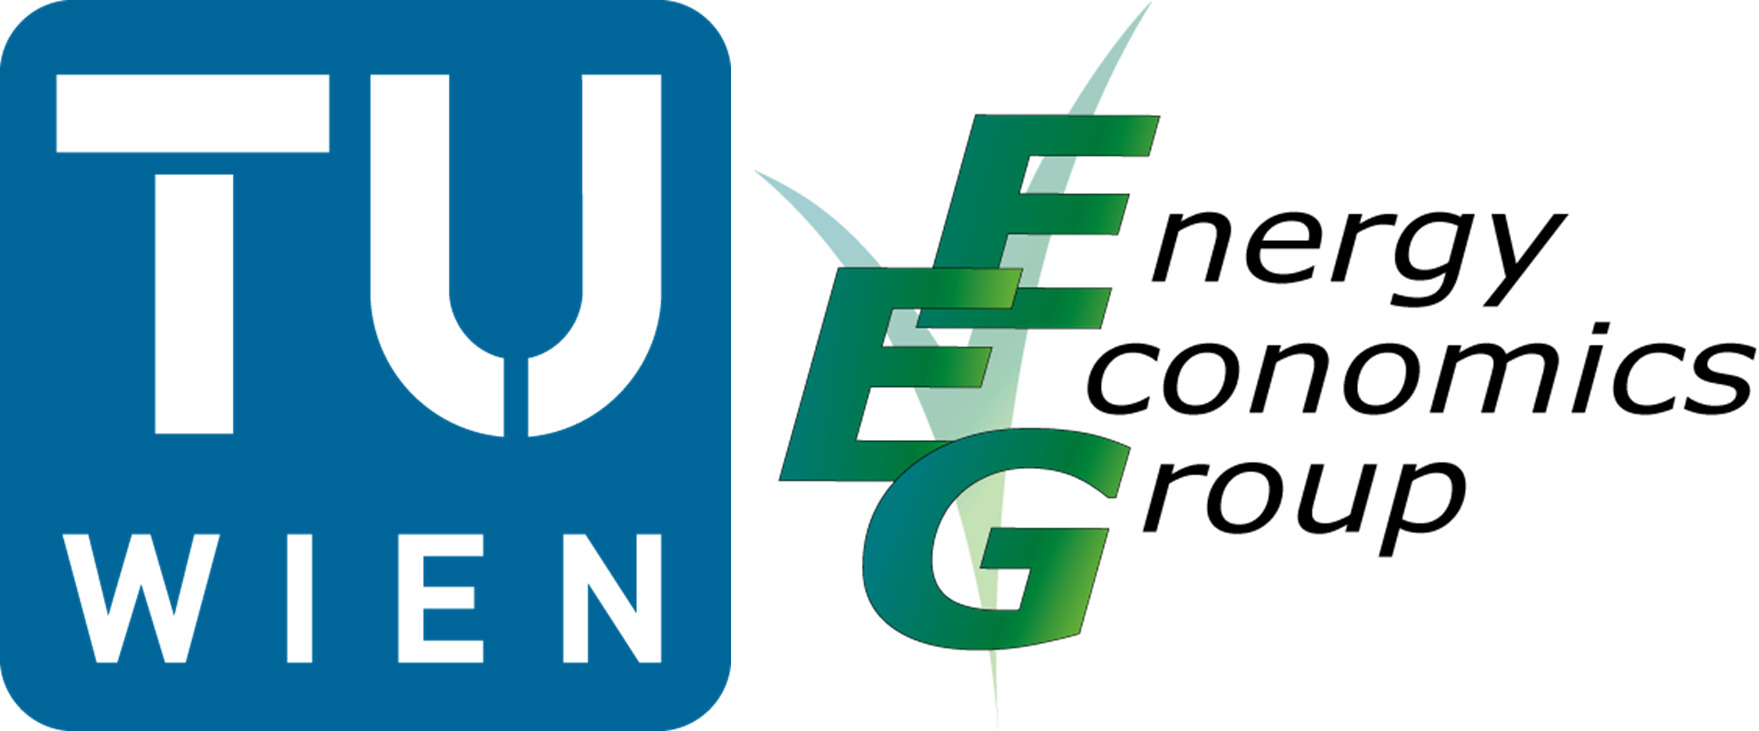 TU-EEG-logo.png